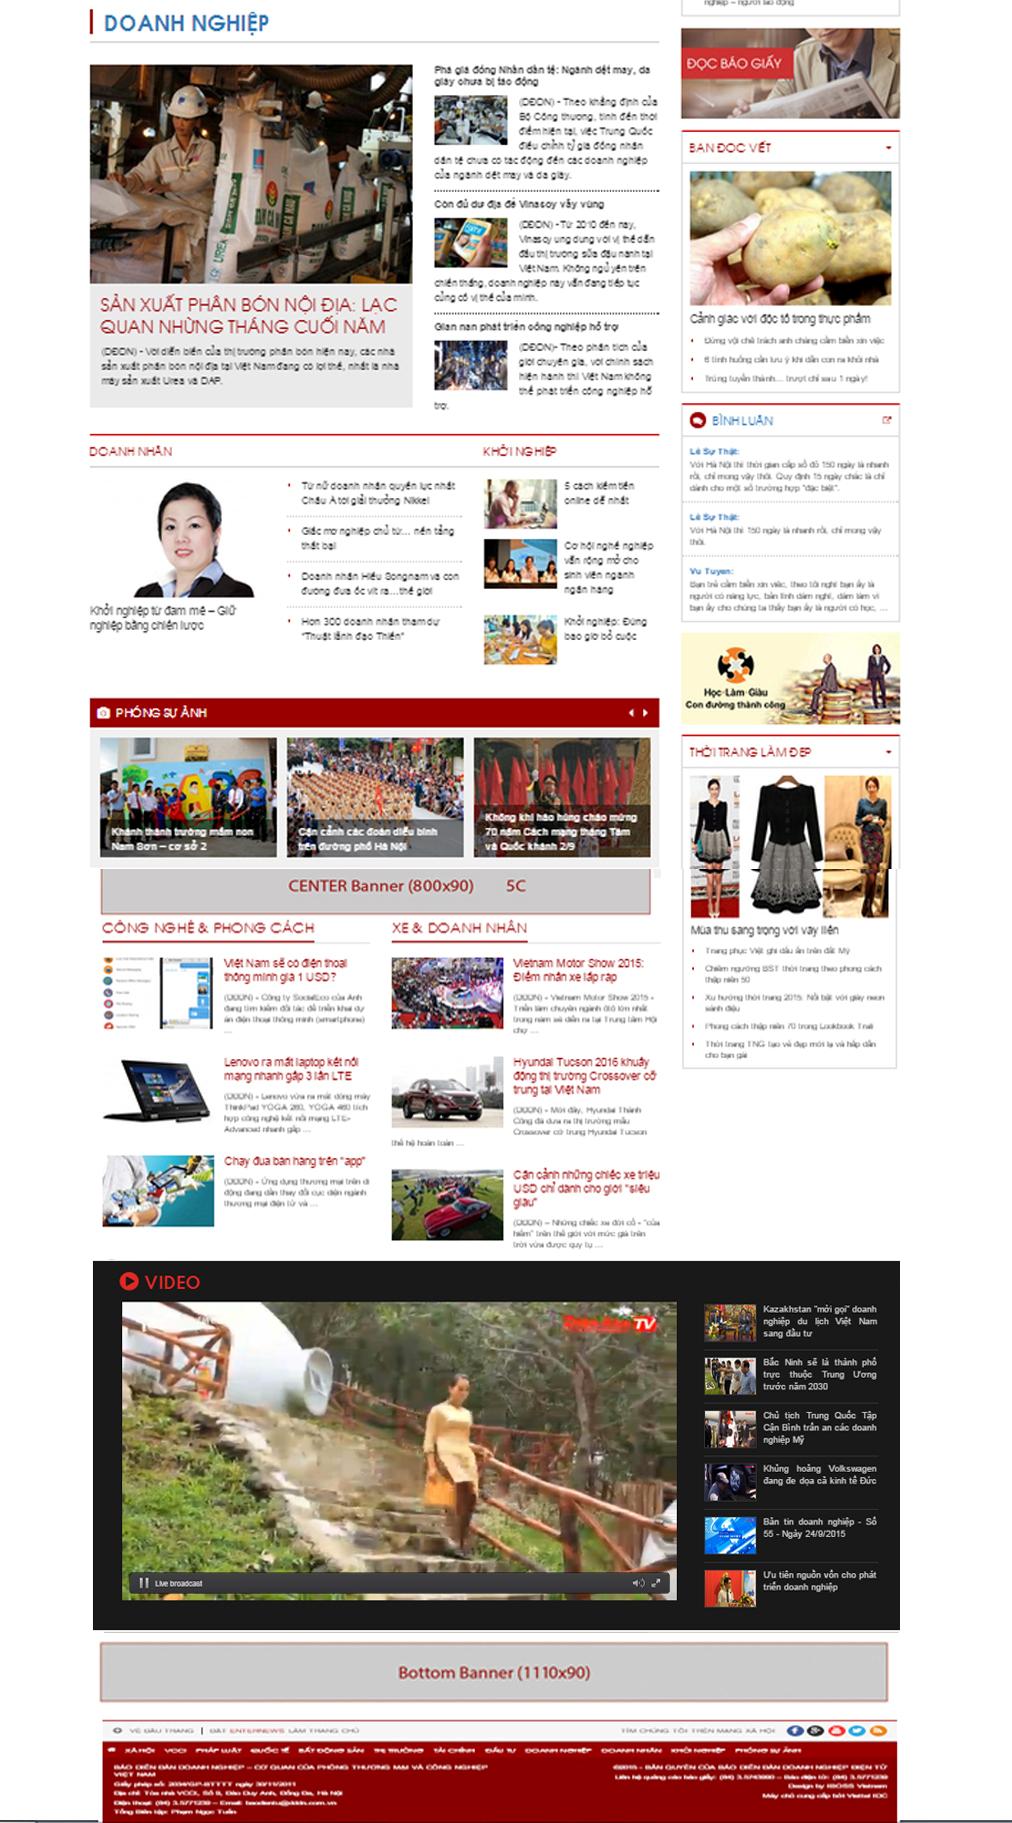 Vị trí quảng cáo trên báo Enternews.vn chuyên mục doanh nghiệp